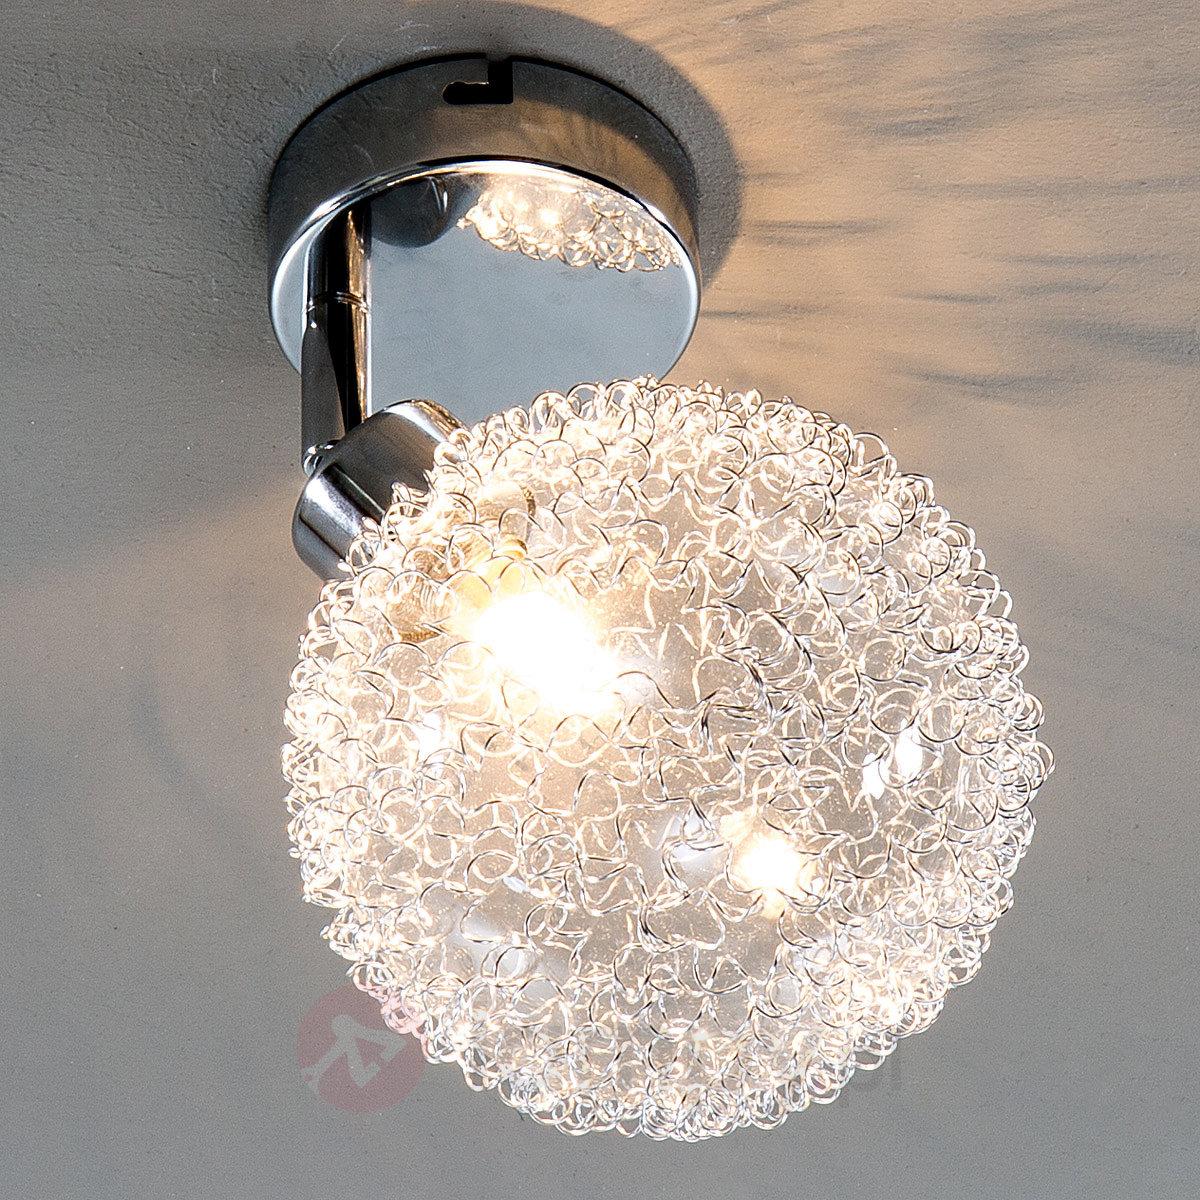 Przedpokój – jakimi lampami go oświetlić?